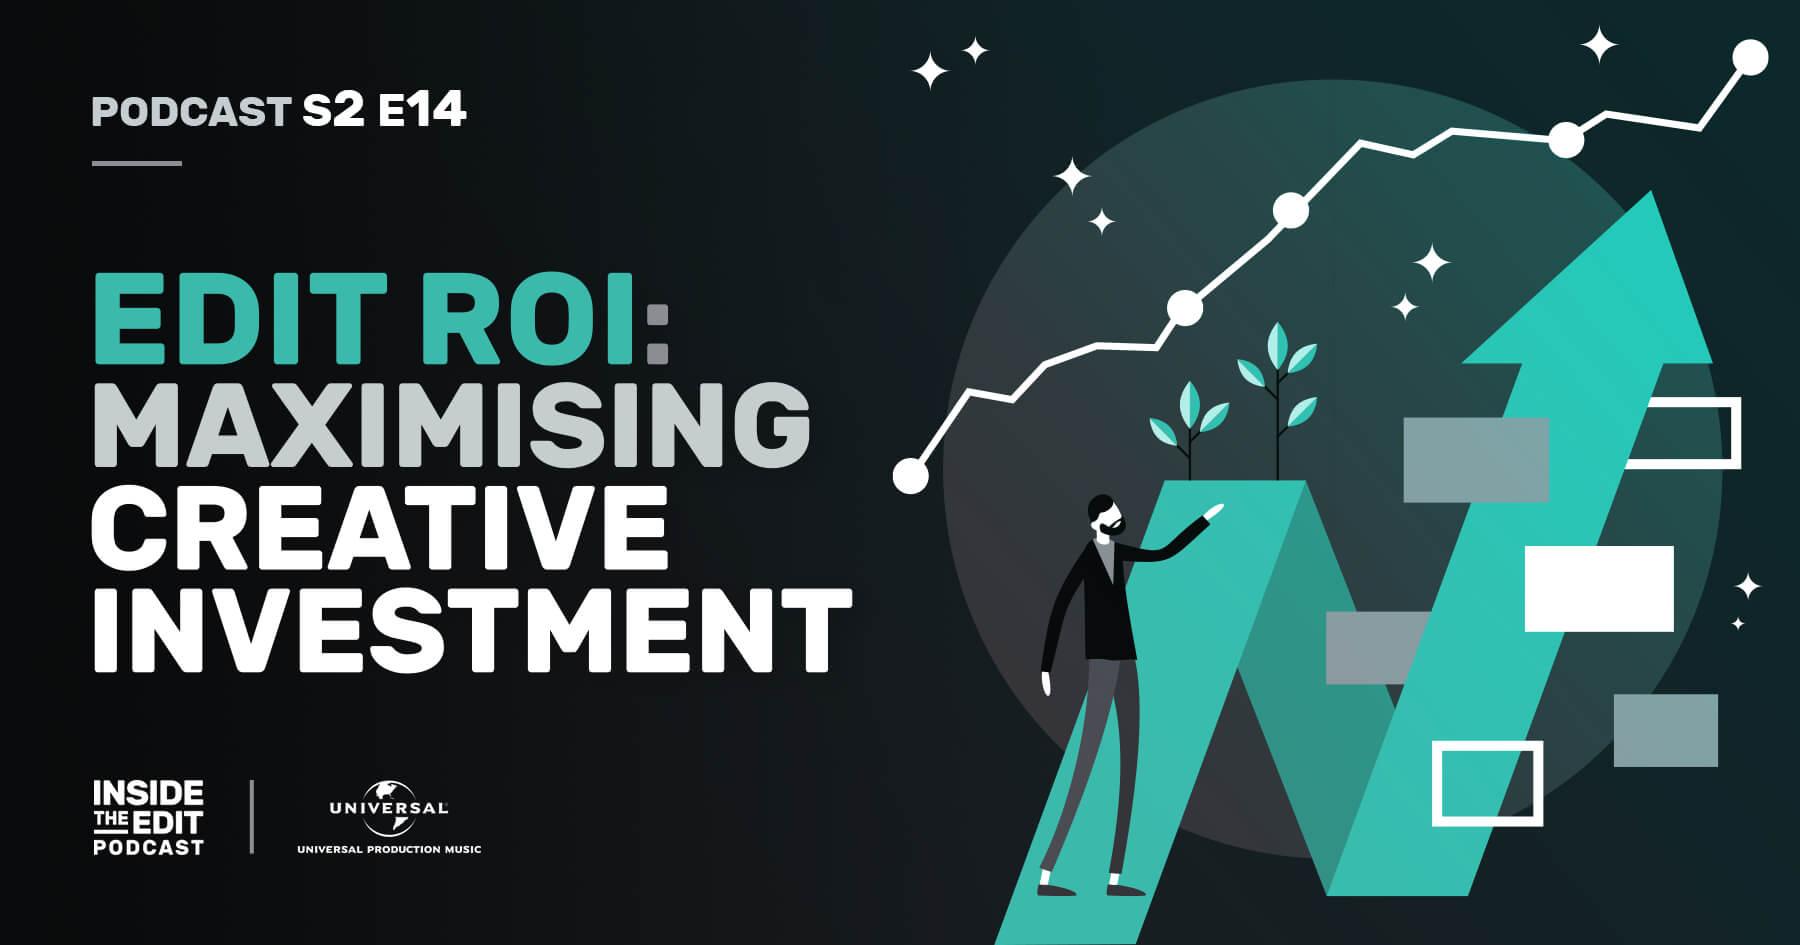 Edit ROI: Maximising Creative Investment